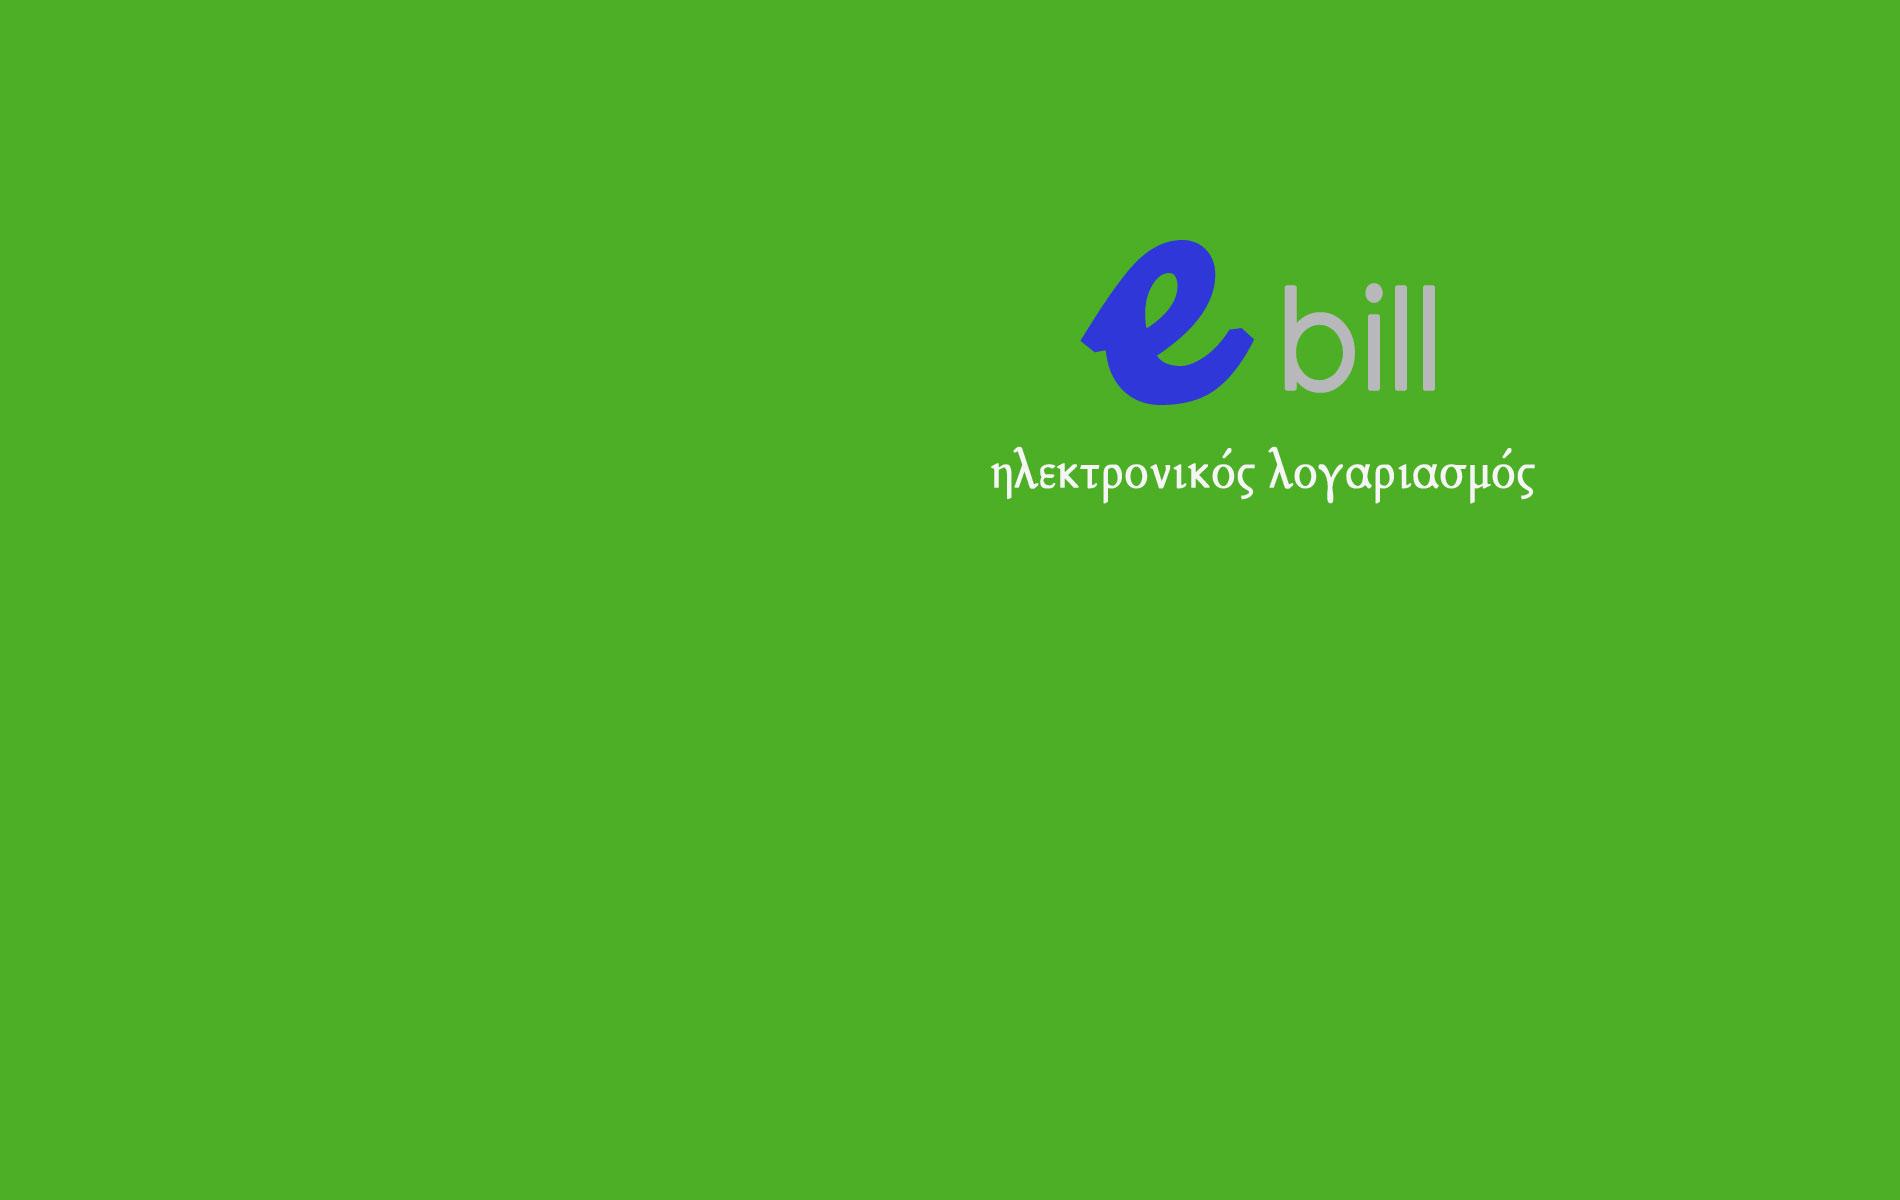 Εγγραφείτε στο e bill της ΔΕΥΑΠ